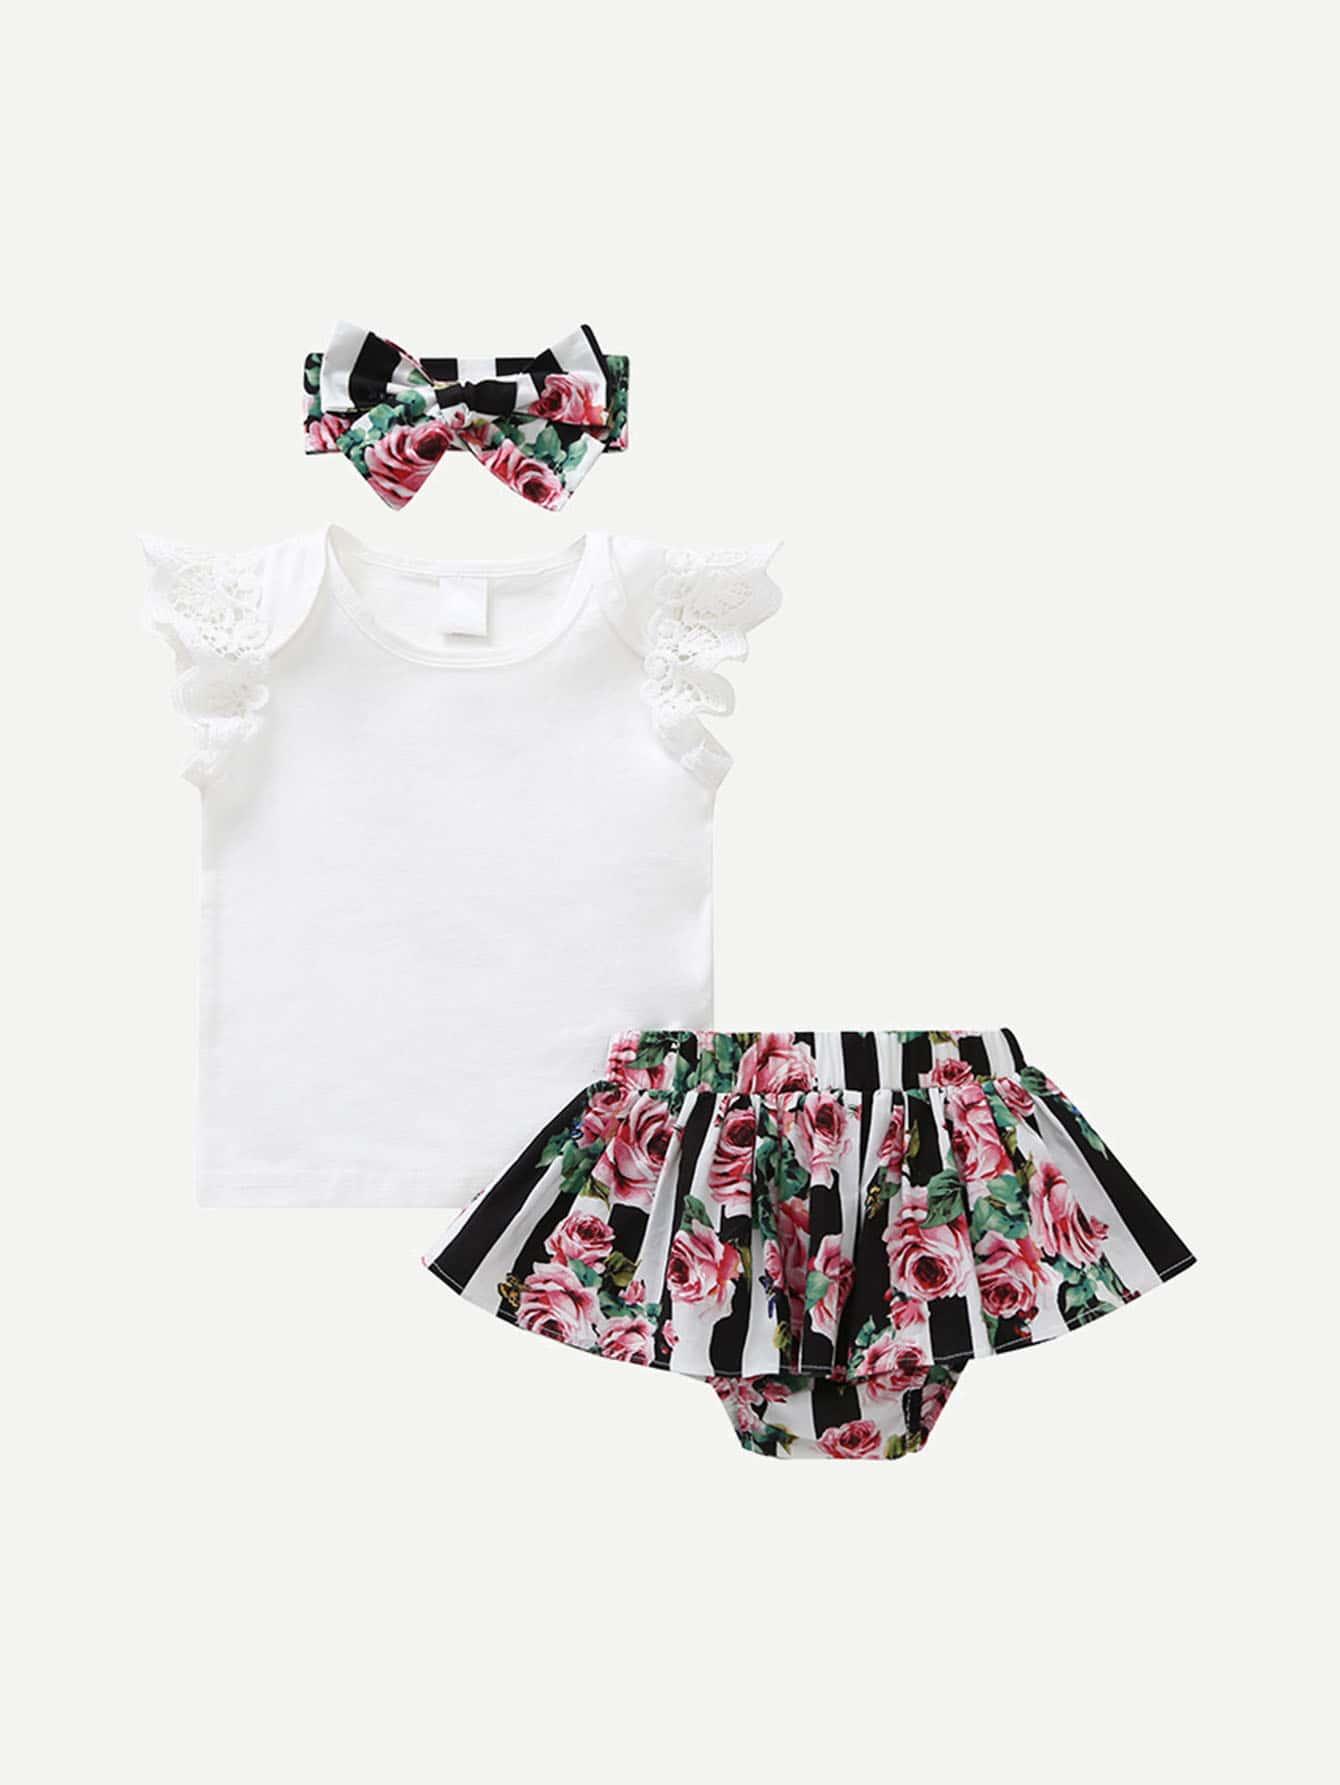 Купить Блузка со симметрическими кружевами и ситцевая юбка и бандана для девочки, null, SheIn